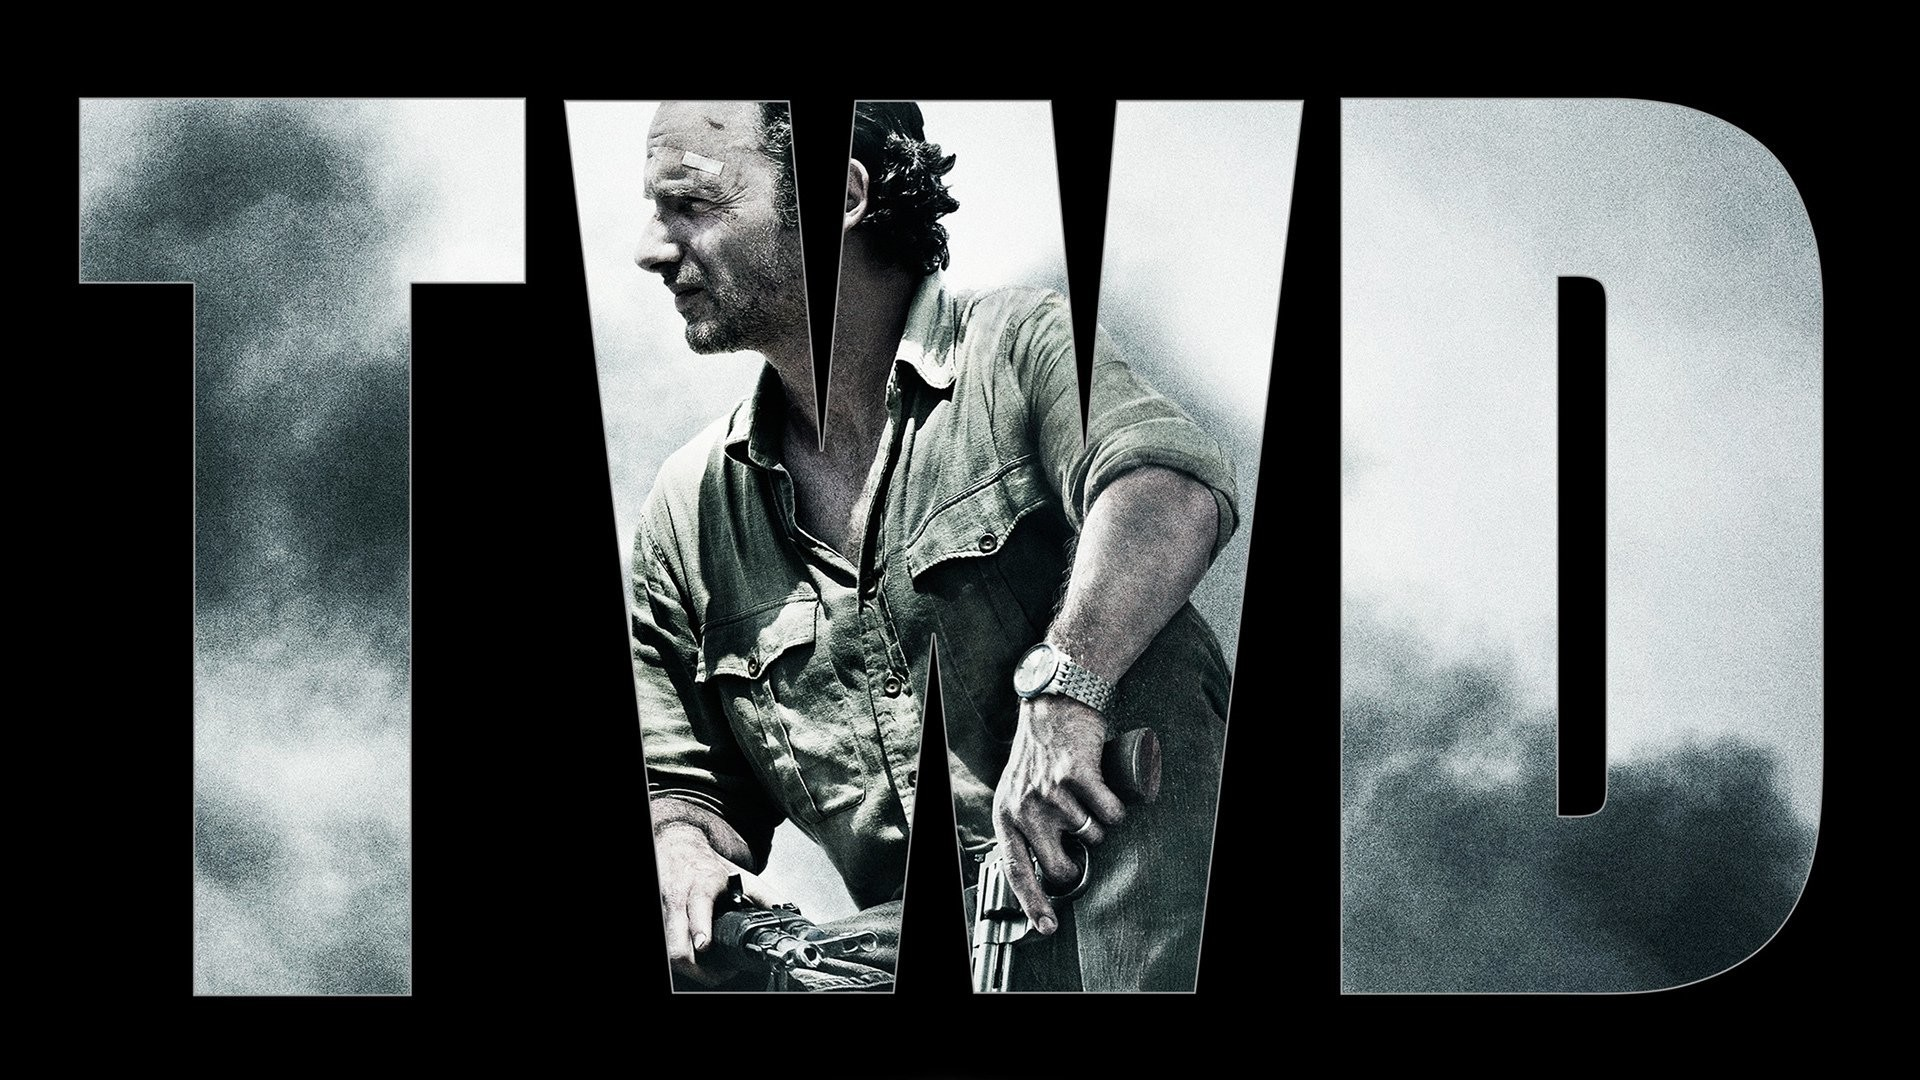 The Walking Dead Season 6 Finale Ratings Down From Season 5 Finale